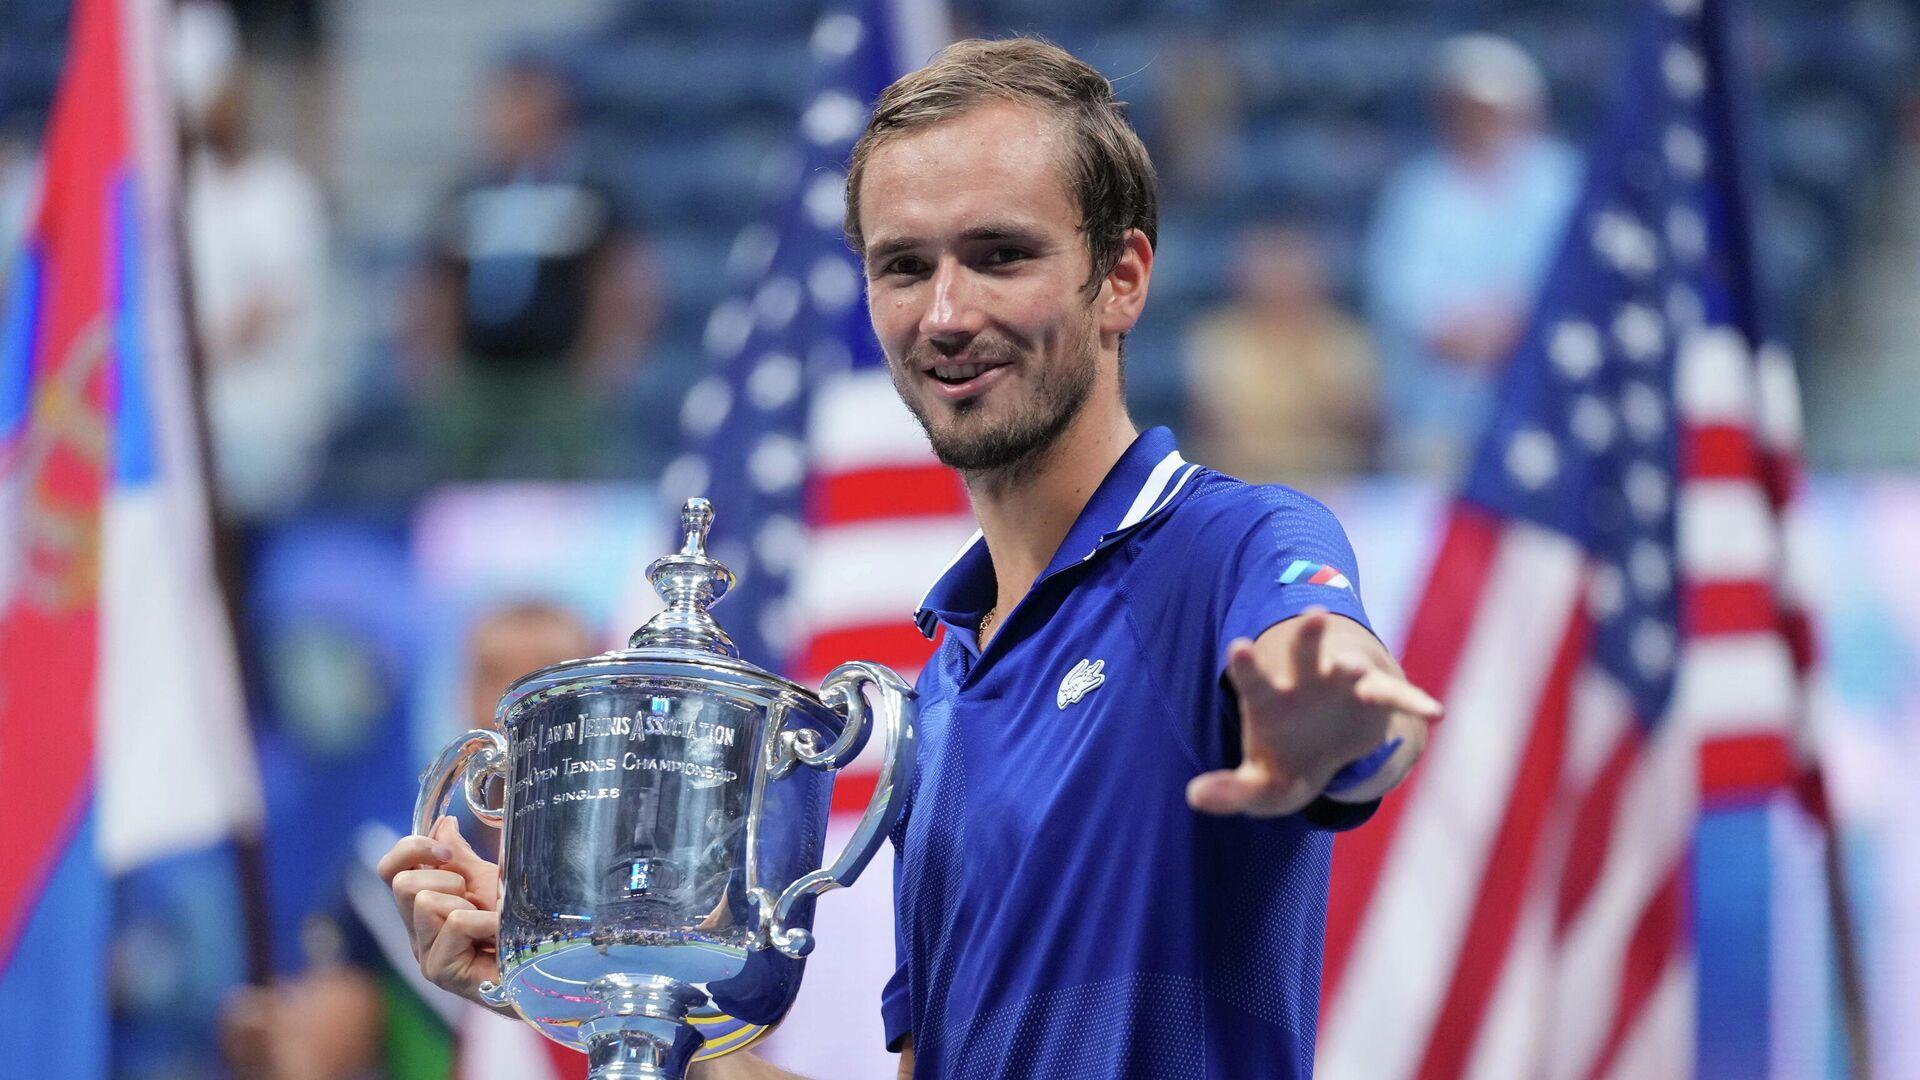 Российский теннисист Даниил Медведев - победитель US Open. - РИА Новости, 1920, 13.09.2021